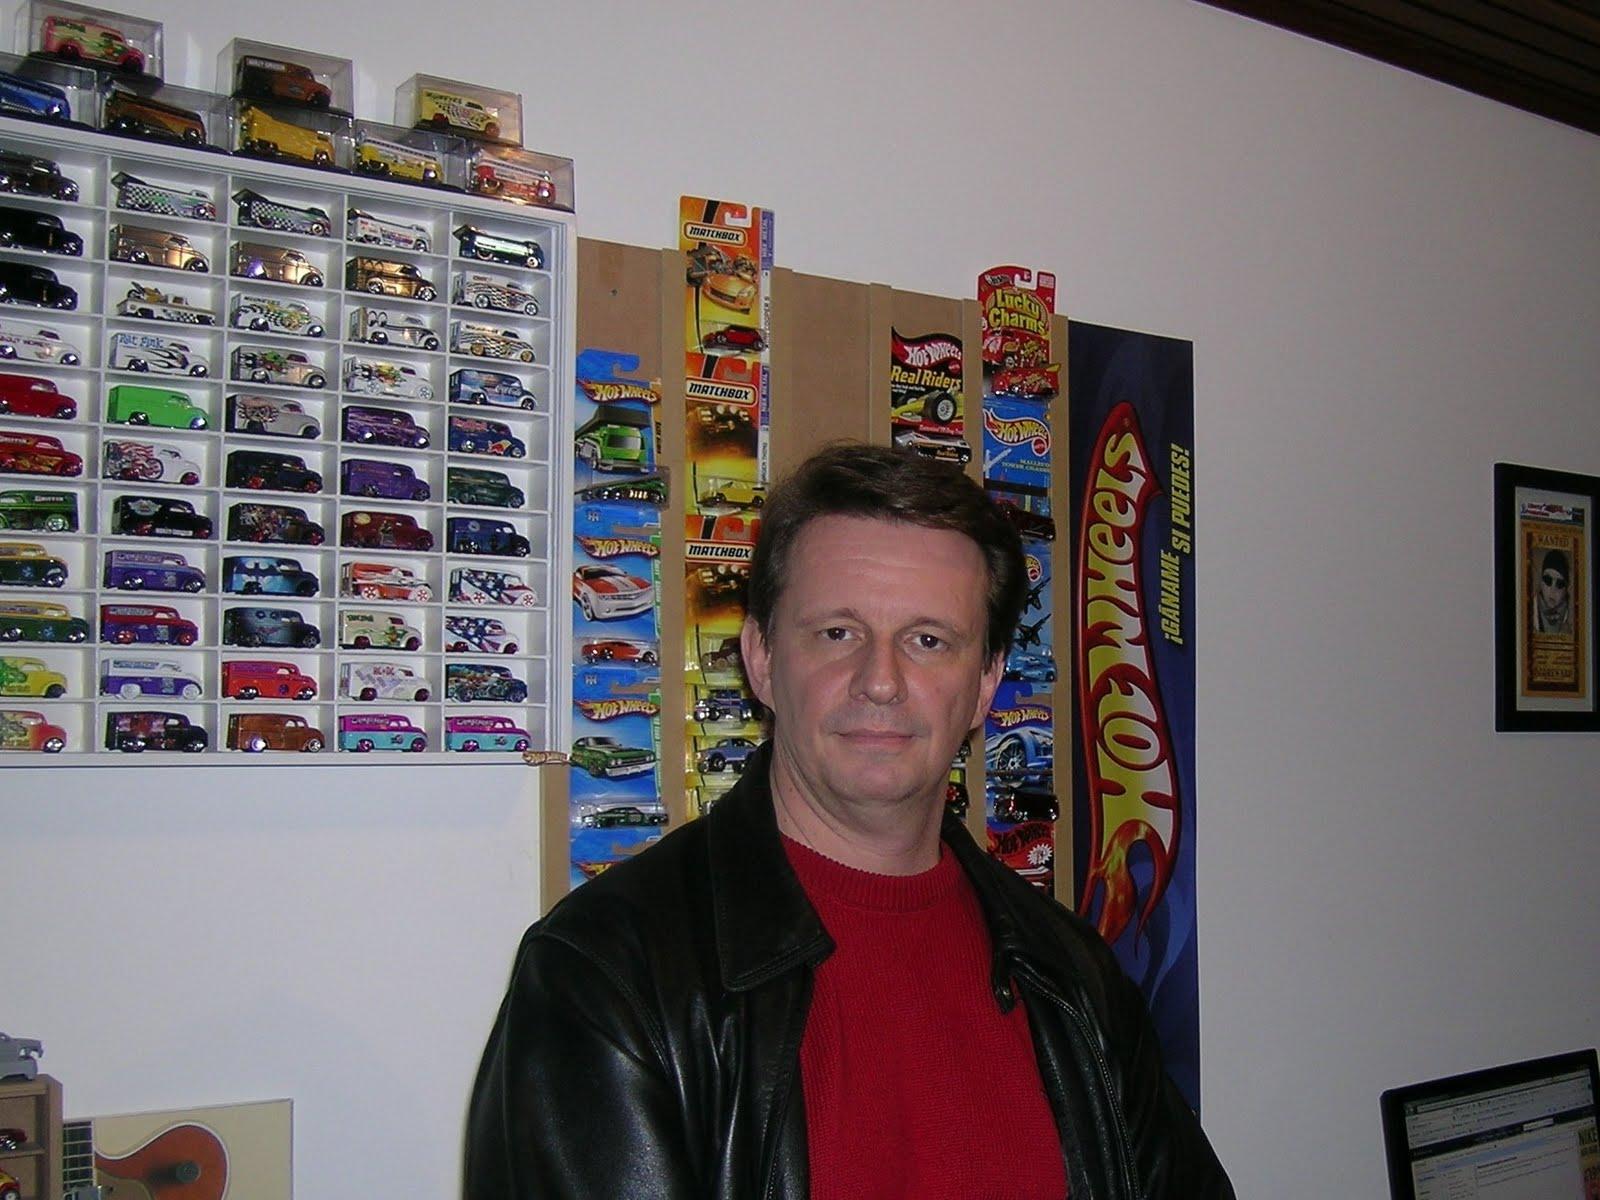 http://3.bp.blogspot.com/-QyWiaFbydms/Tm3uqrDS3VI/AAAAAAAADNU/x4PpecvaPNc/s1600/CARLOS+DARIZ.JPG